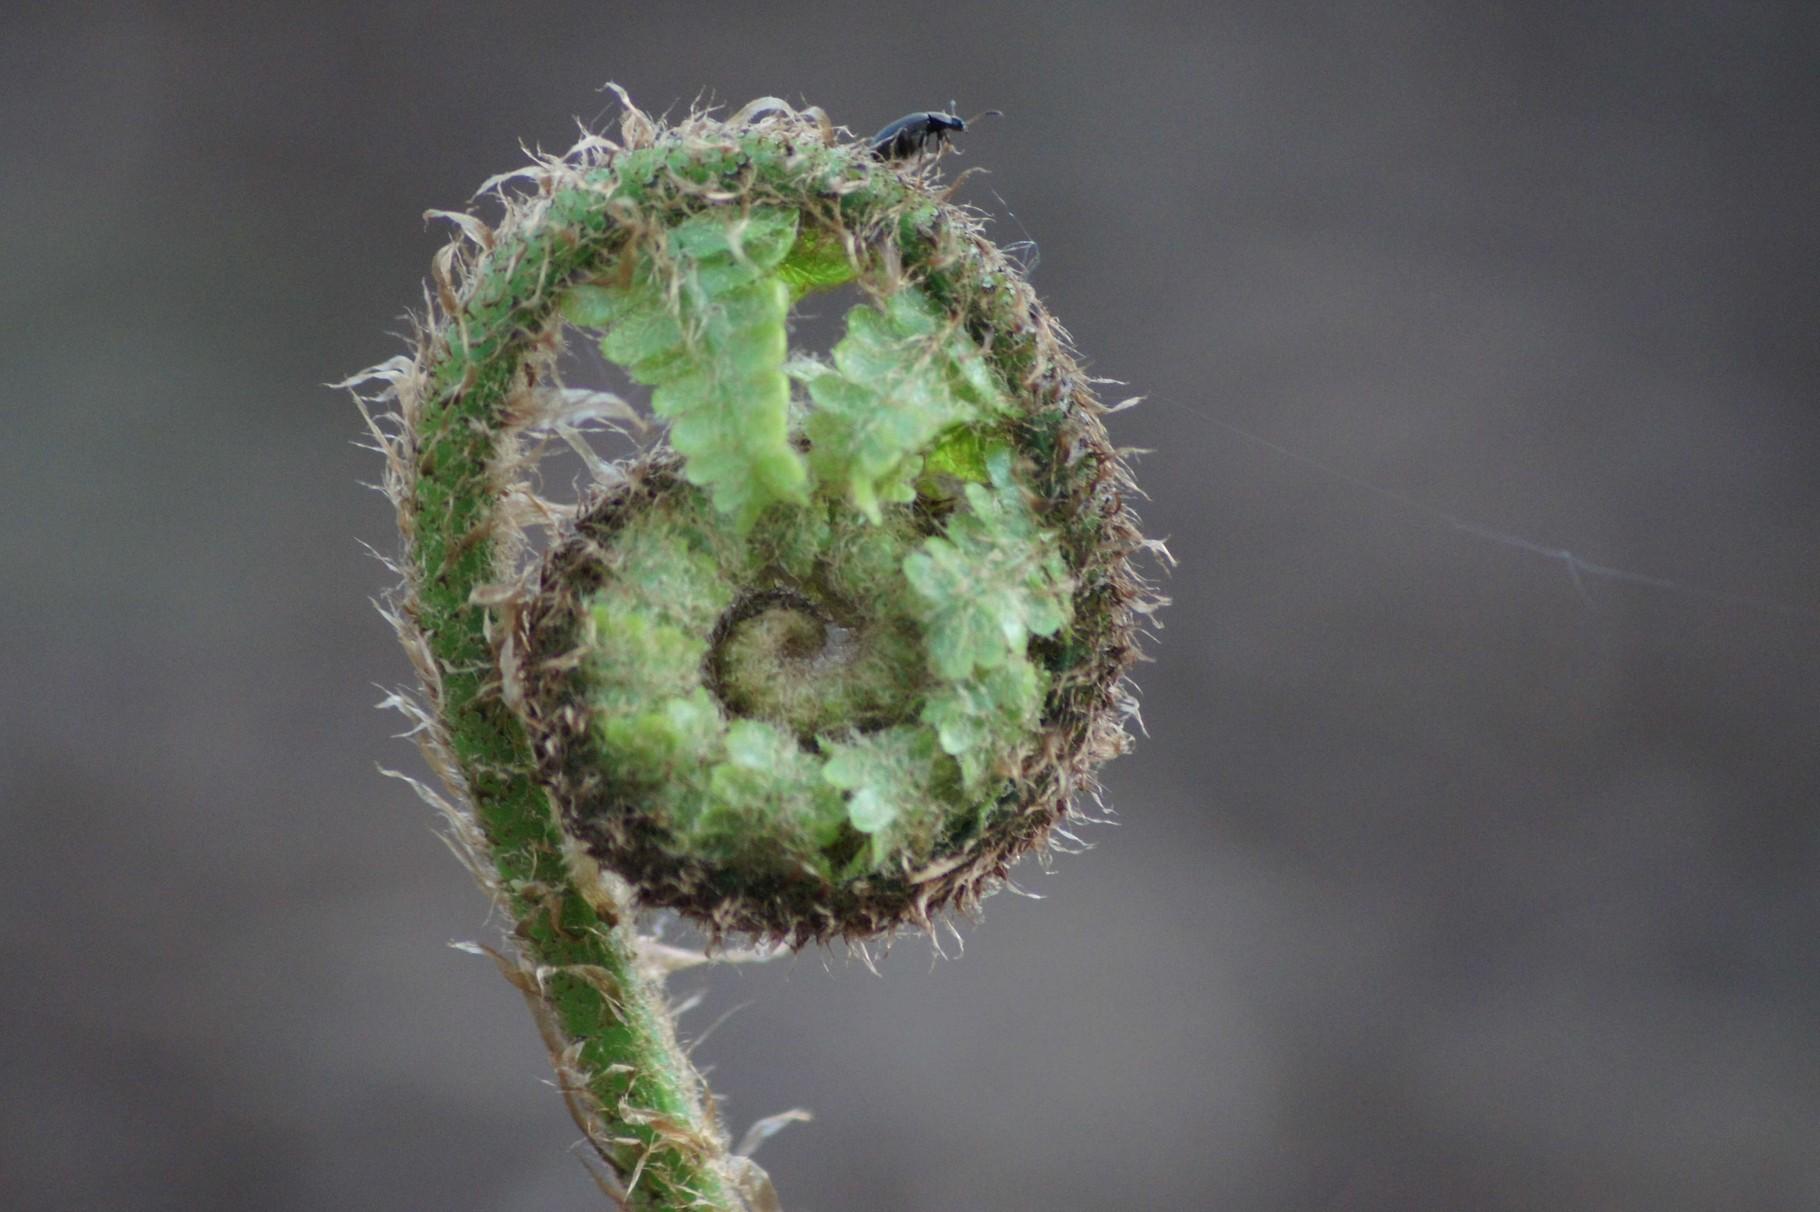 Junger Farn mit Käfer und Spinnfaden